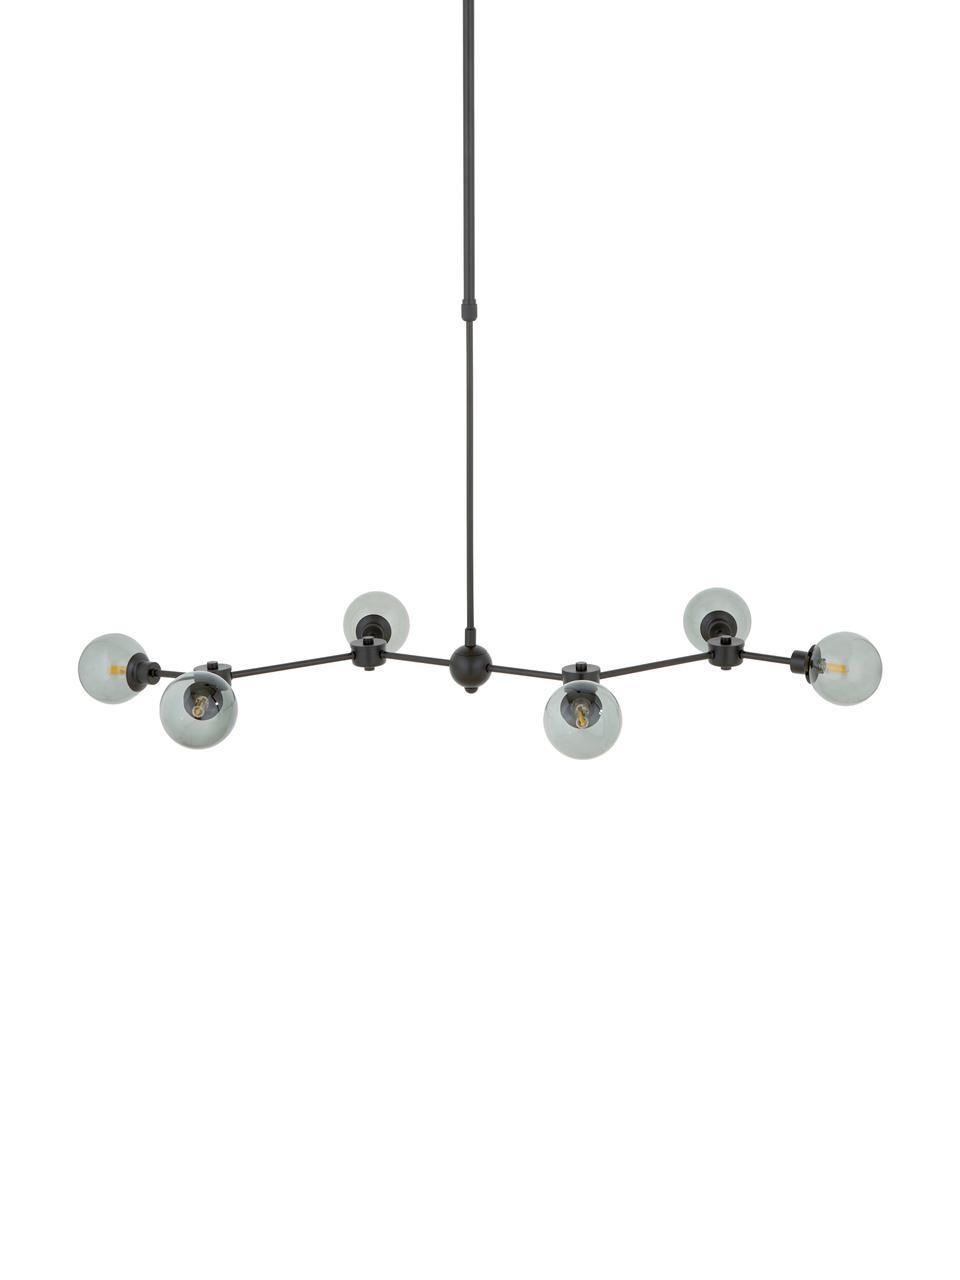 Große Pendelleuchte Aurelia in Schwarz, Baldachin: Metall, pulverbeschichtet, Schwarz, Grau, 110 x 68 cm